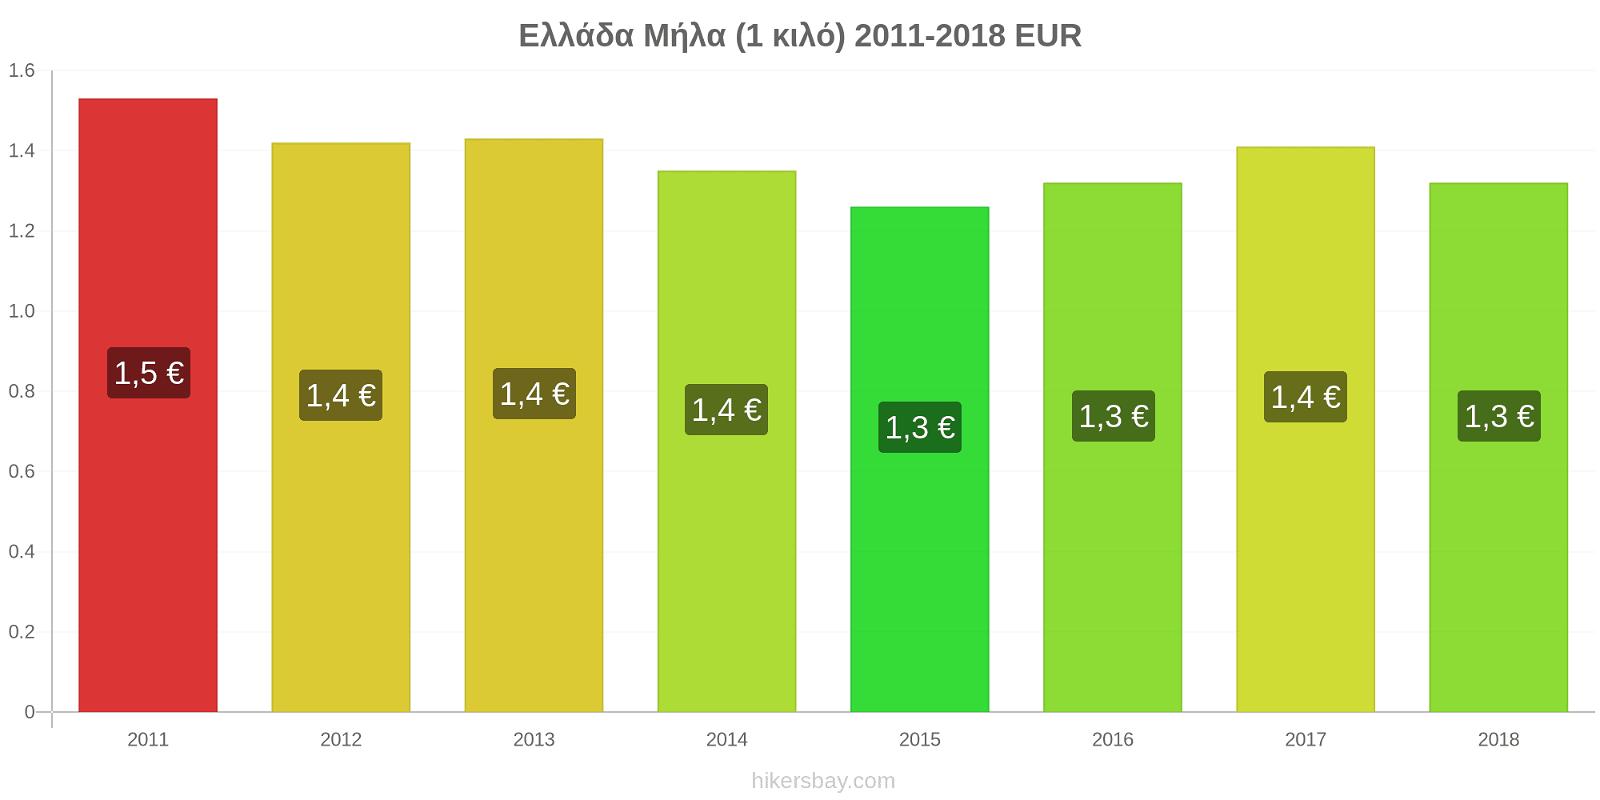 Ελλάδα αλλαγές τιμών Μήλα (1 κιλό) hikersbay.com